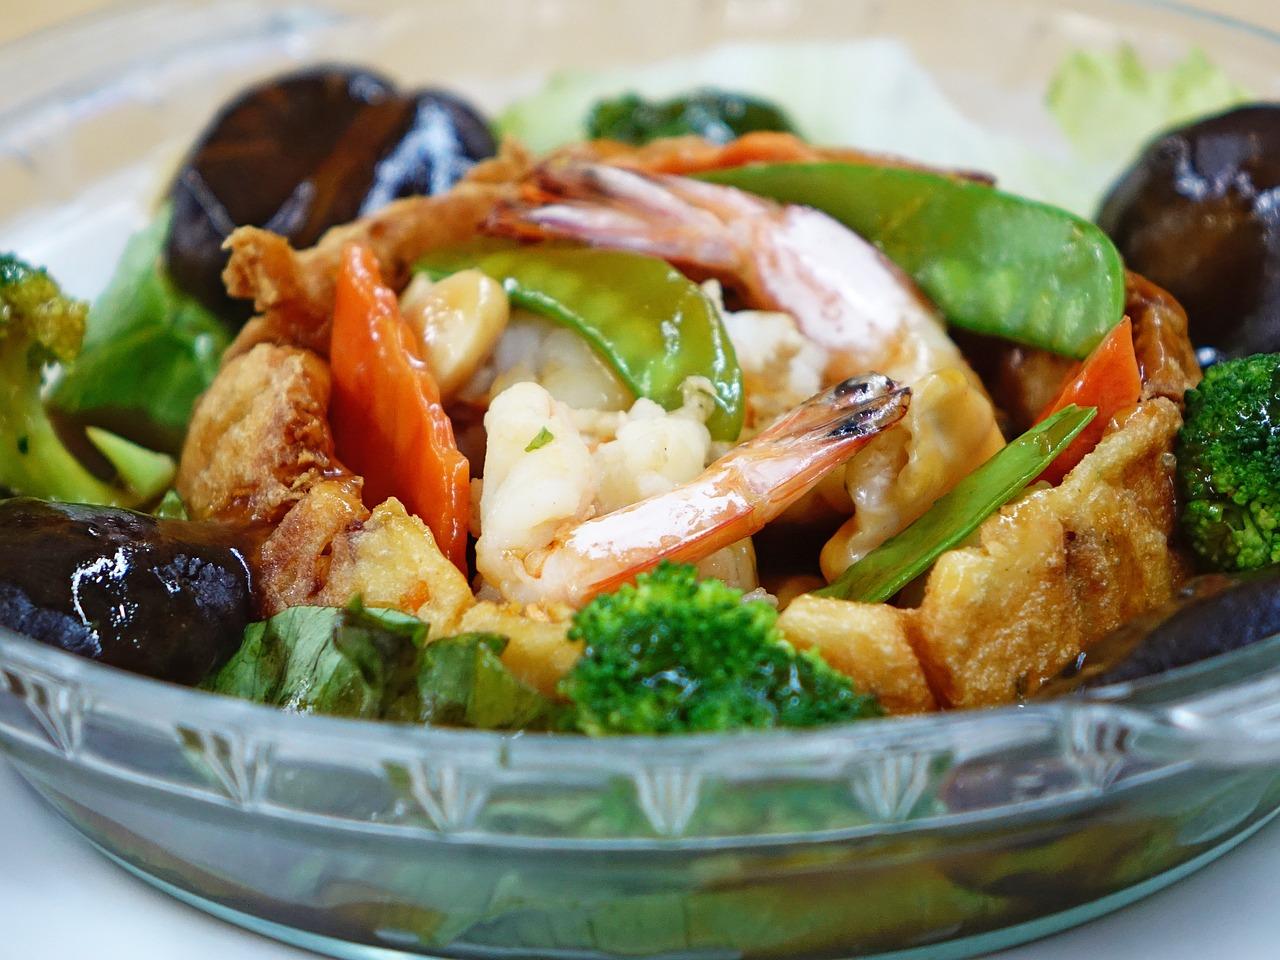 Tradiční čínská medicína: Energie potravin jako prevence nachlazení